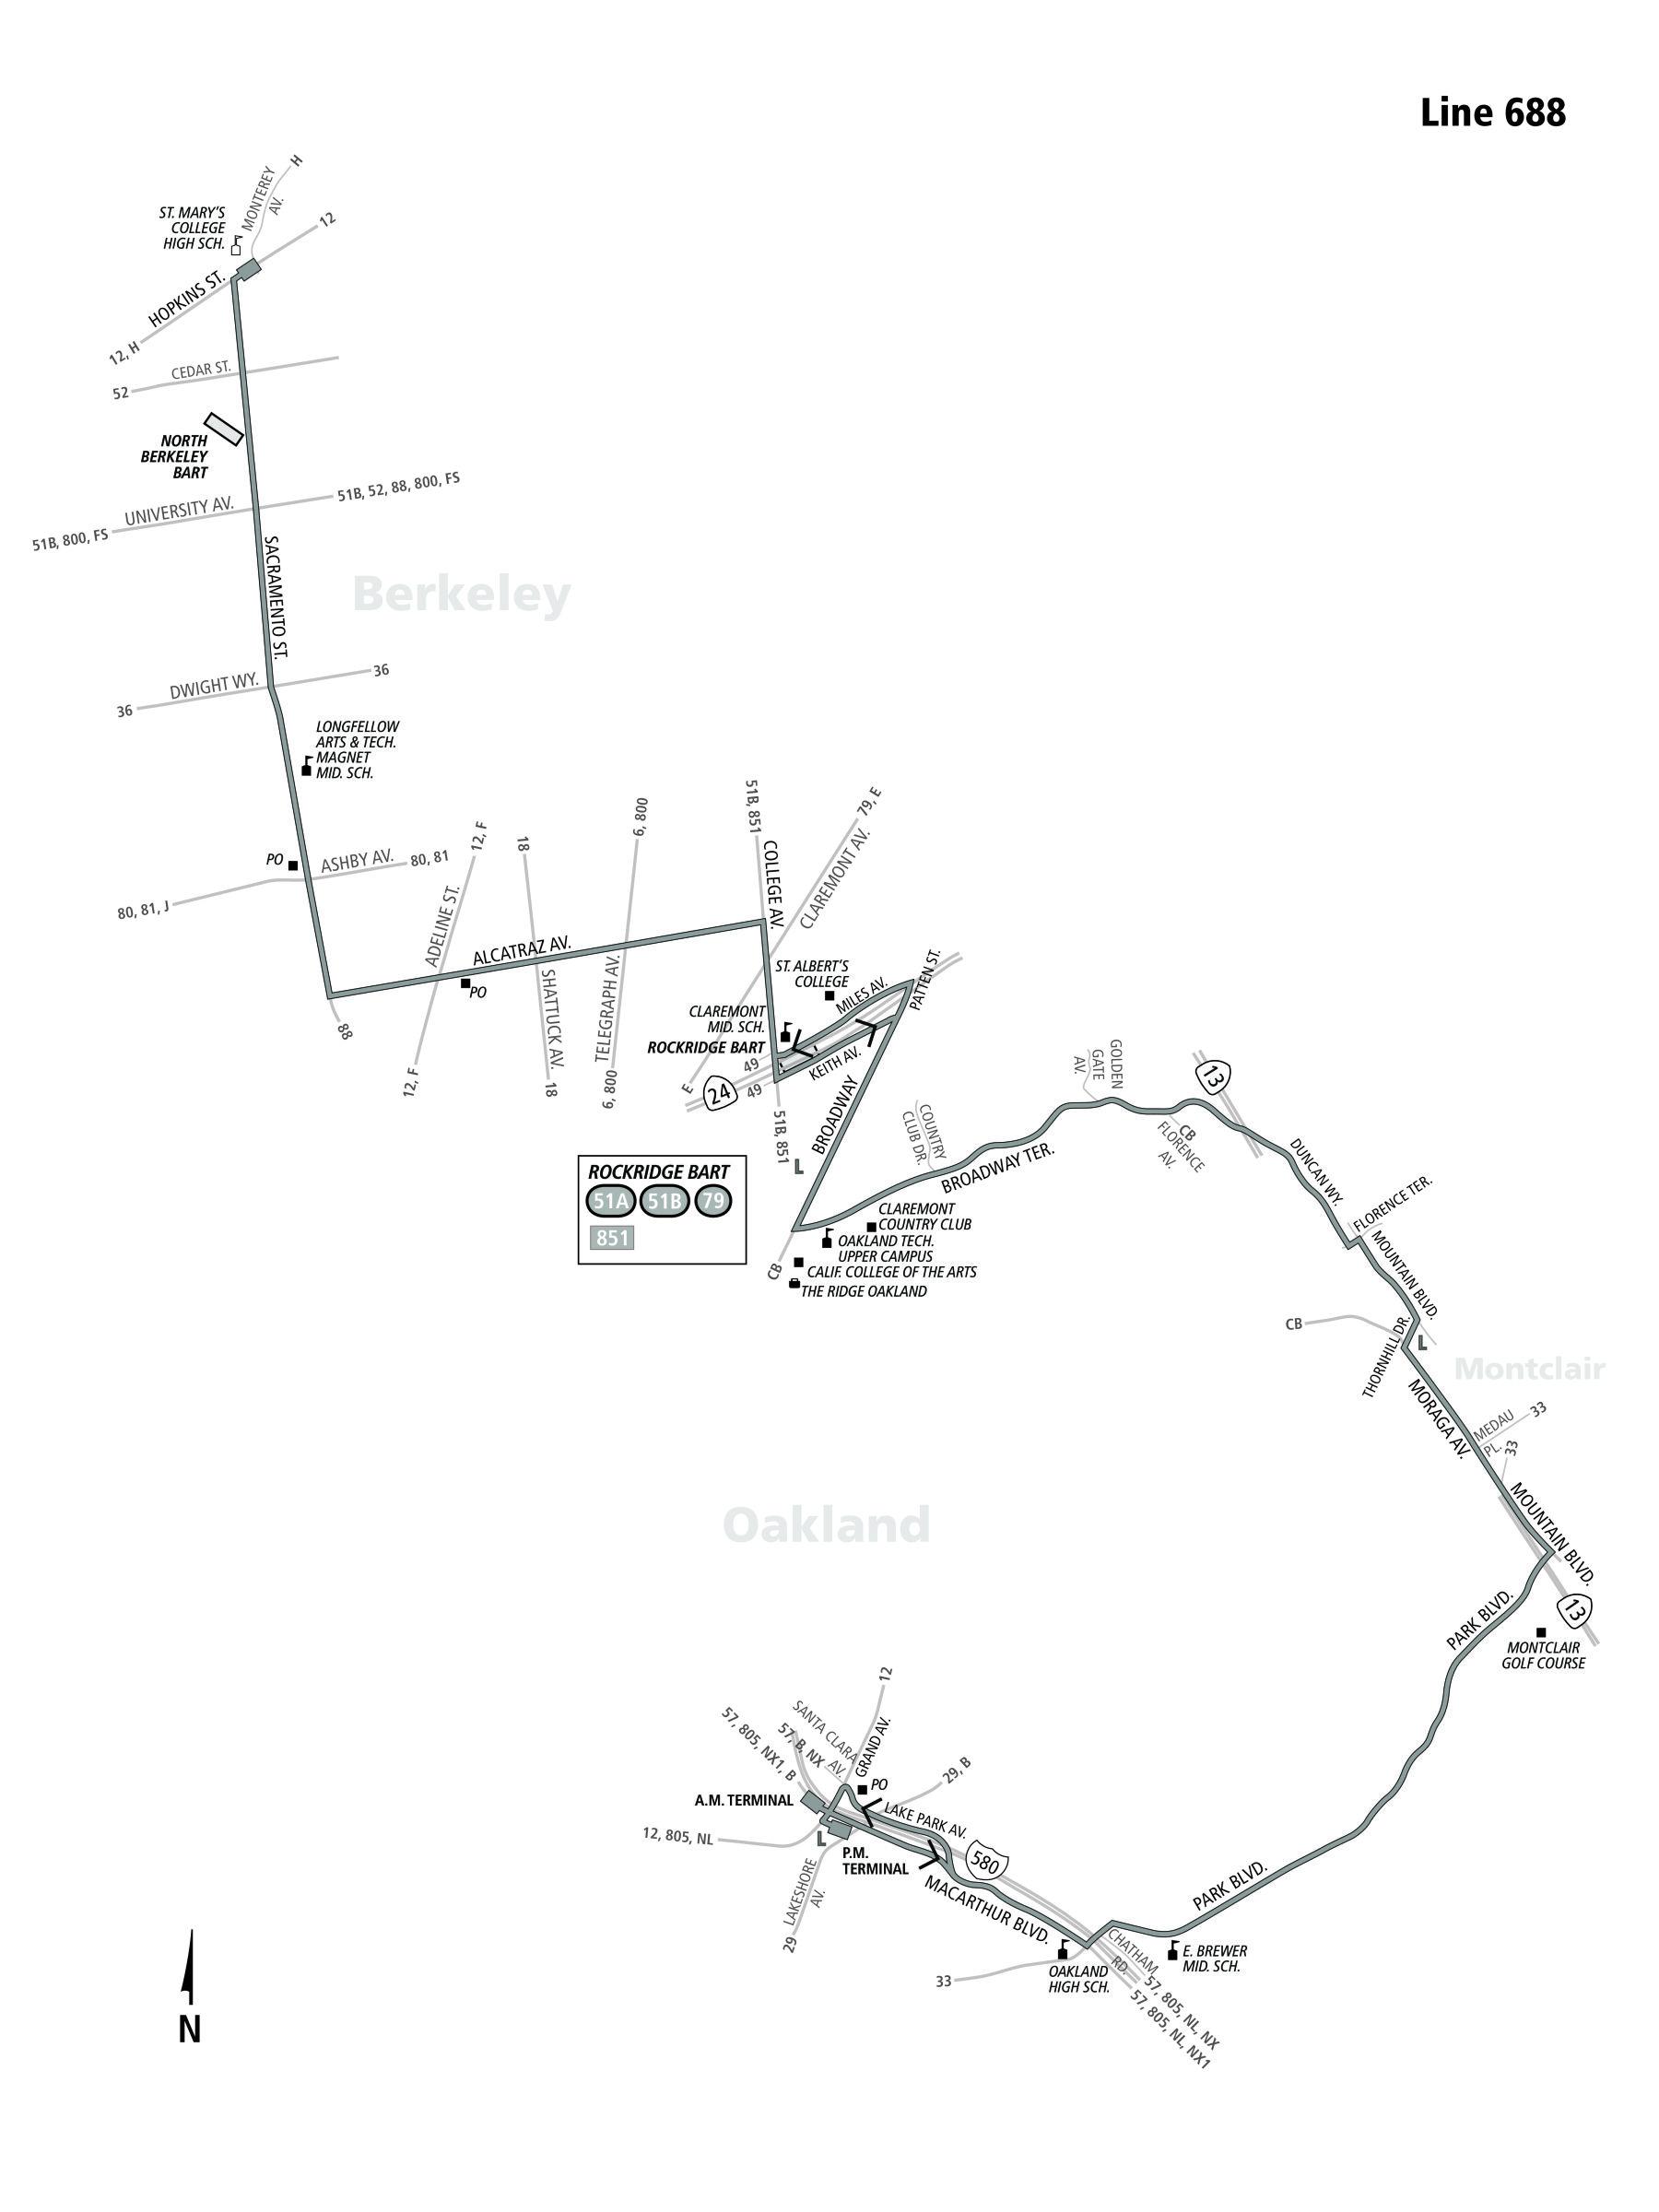 688 Bus Route Ac Transit Sf Bay Transit